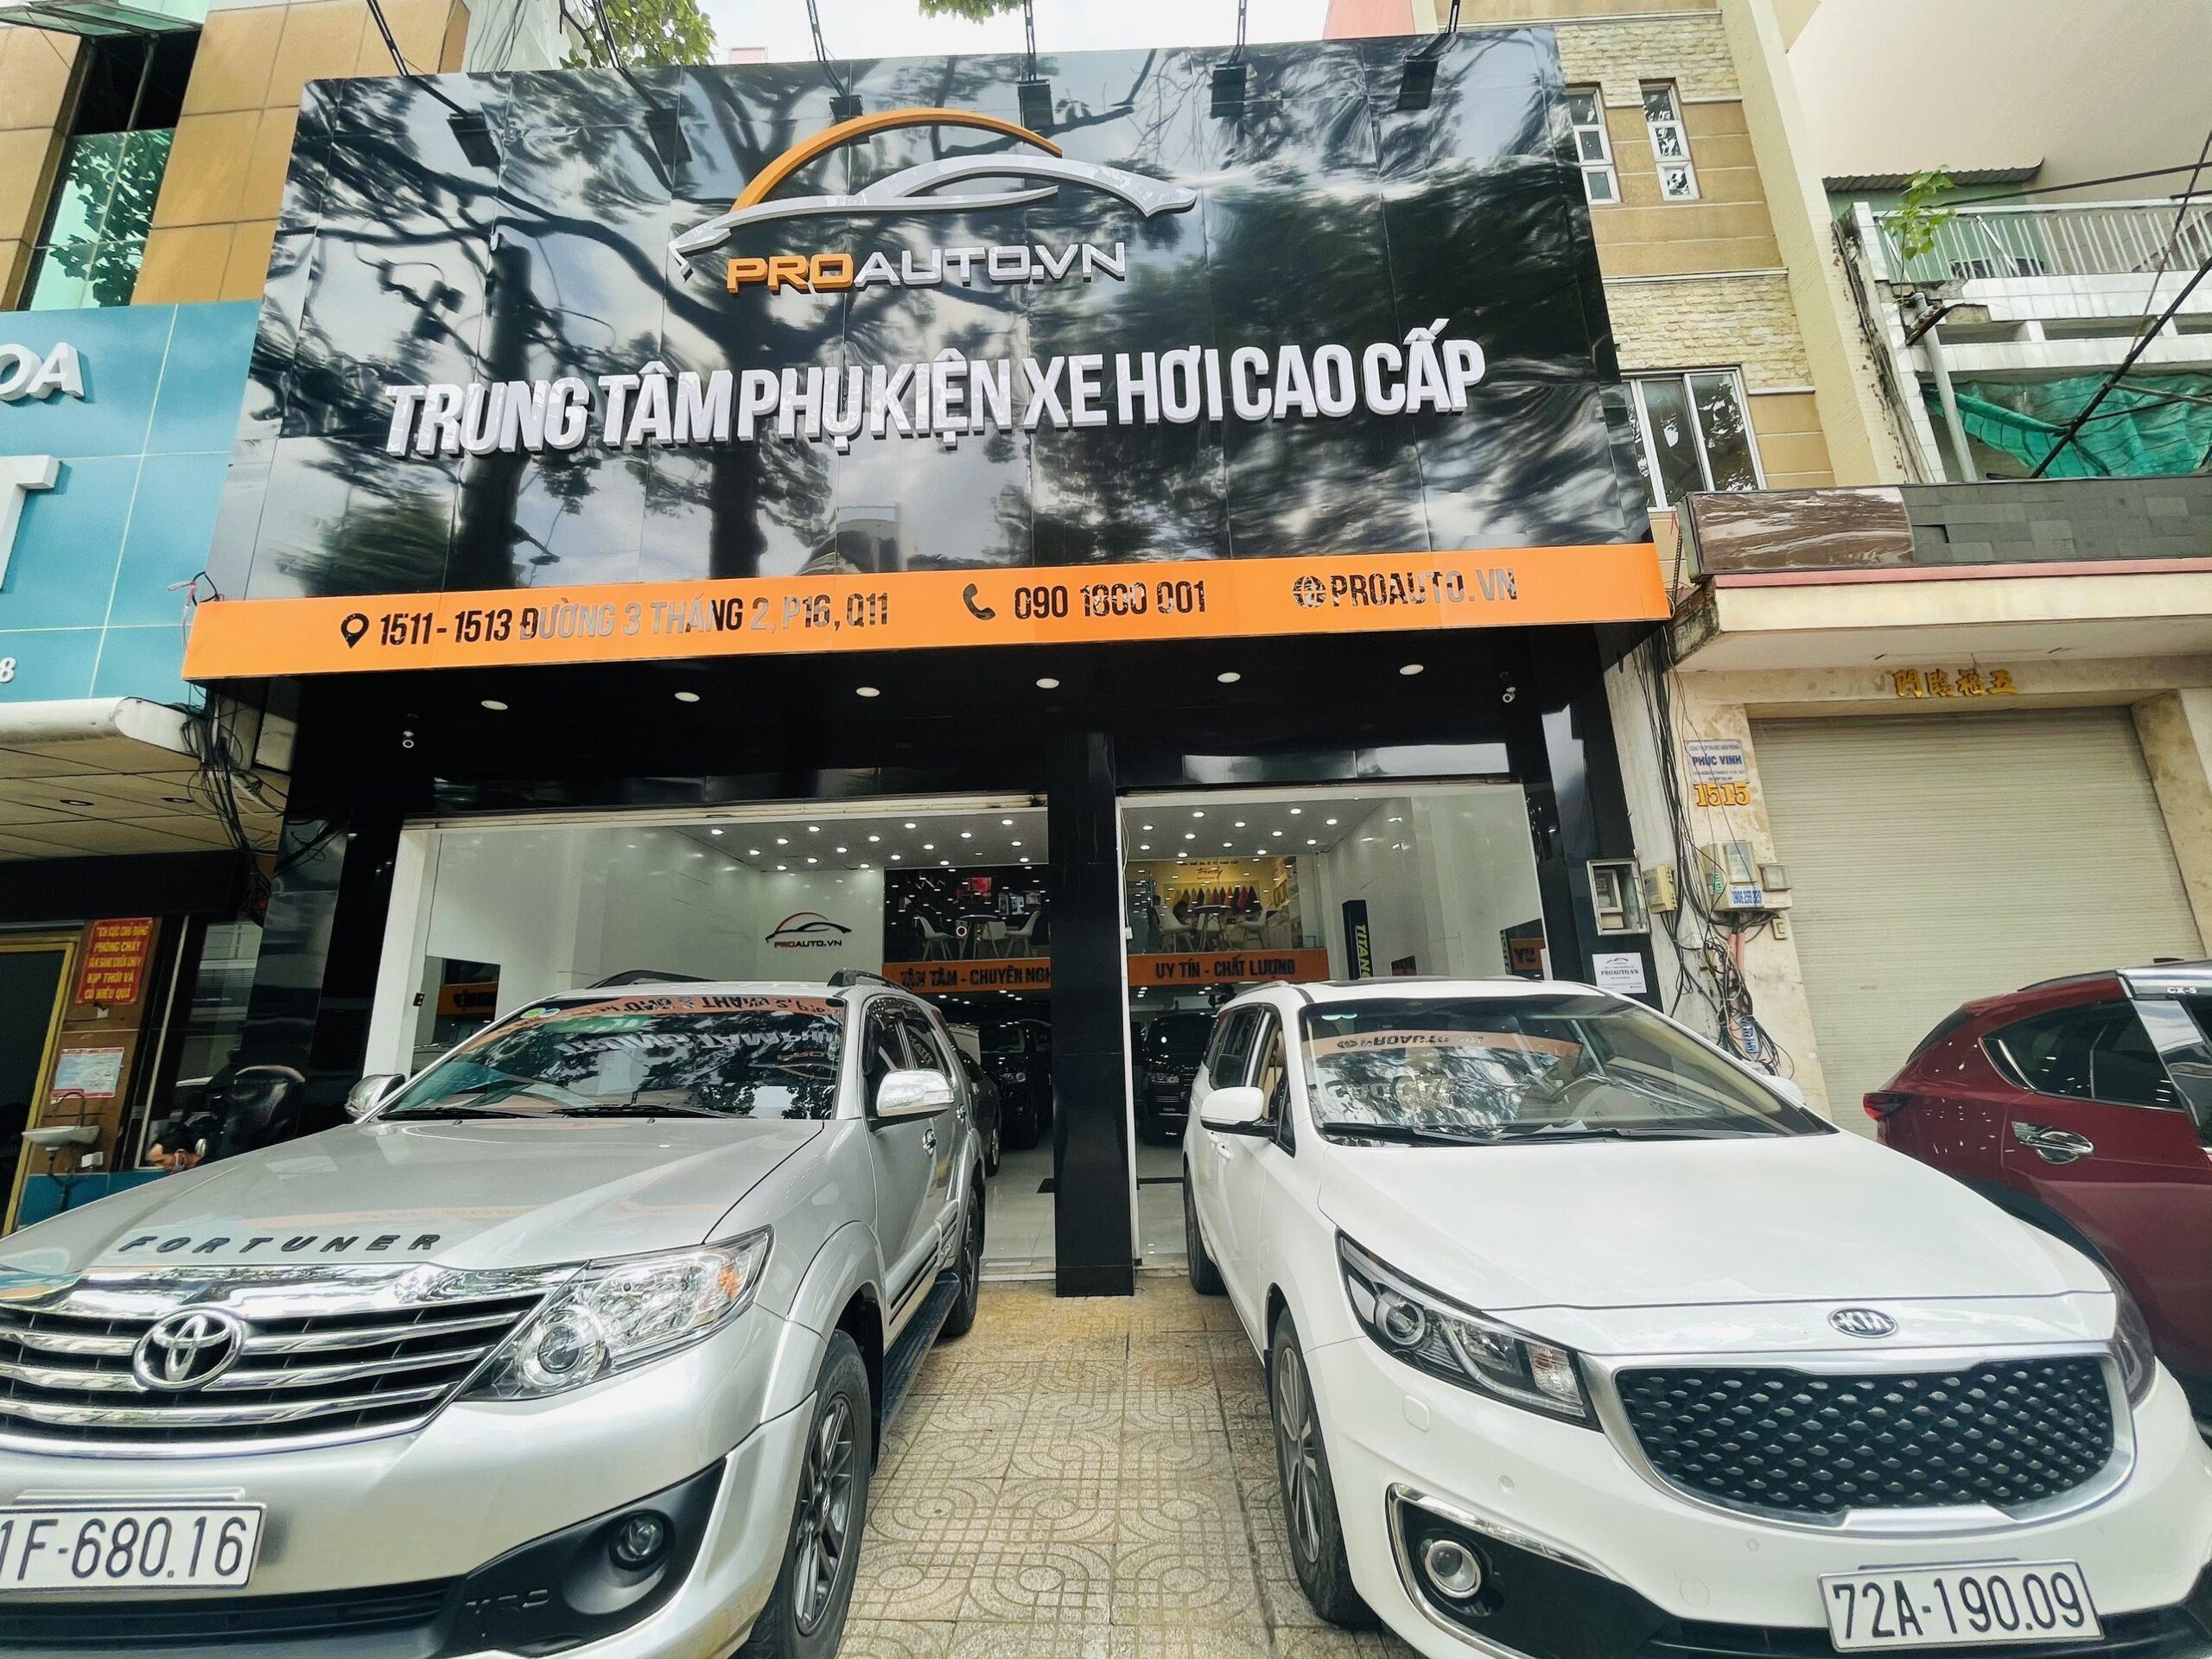 Trung tâm phụ kiện xe hơi cao cấp ProAuto